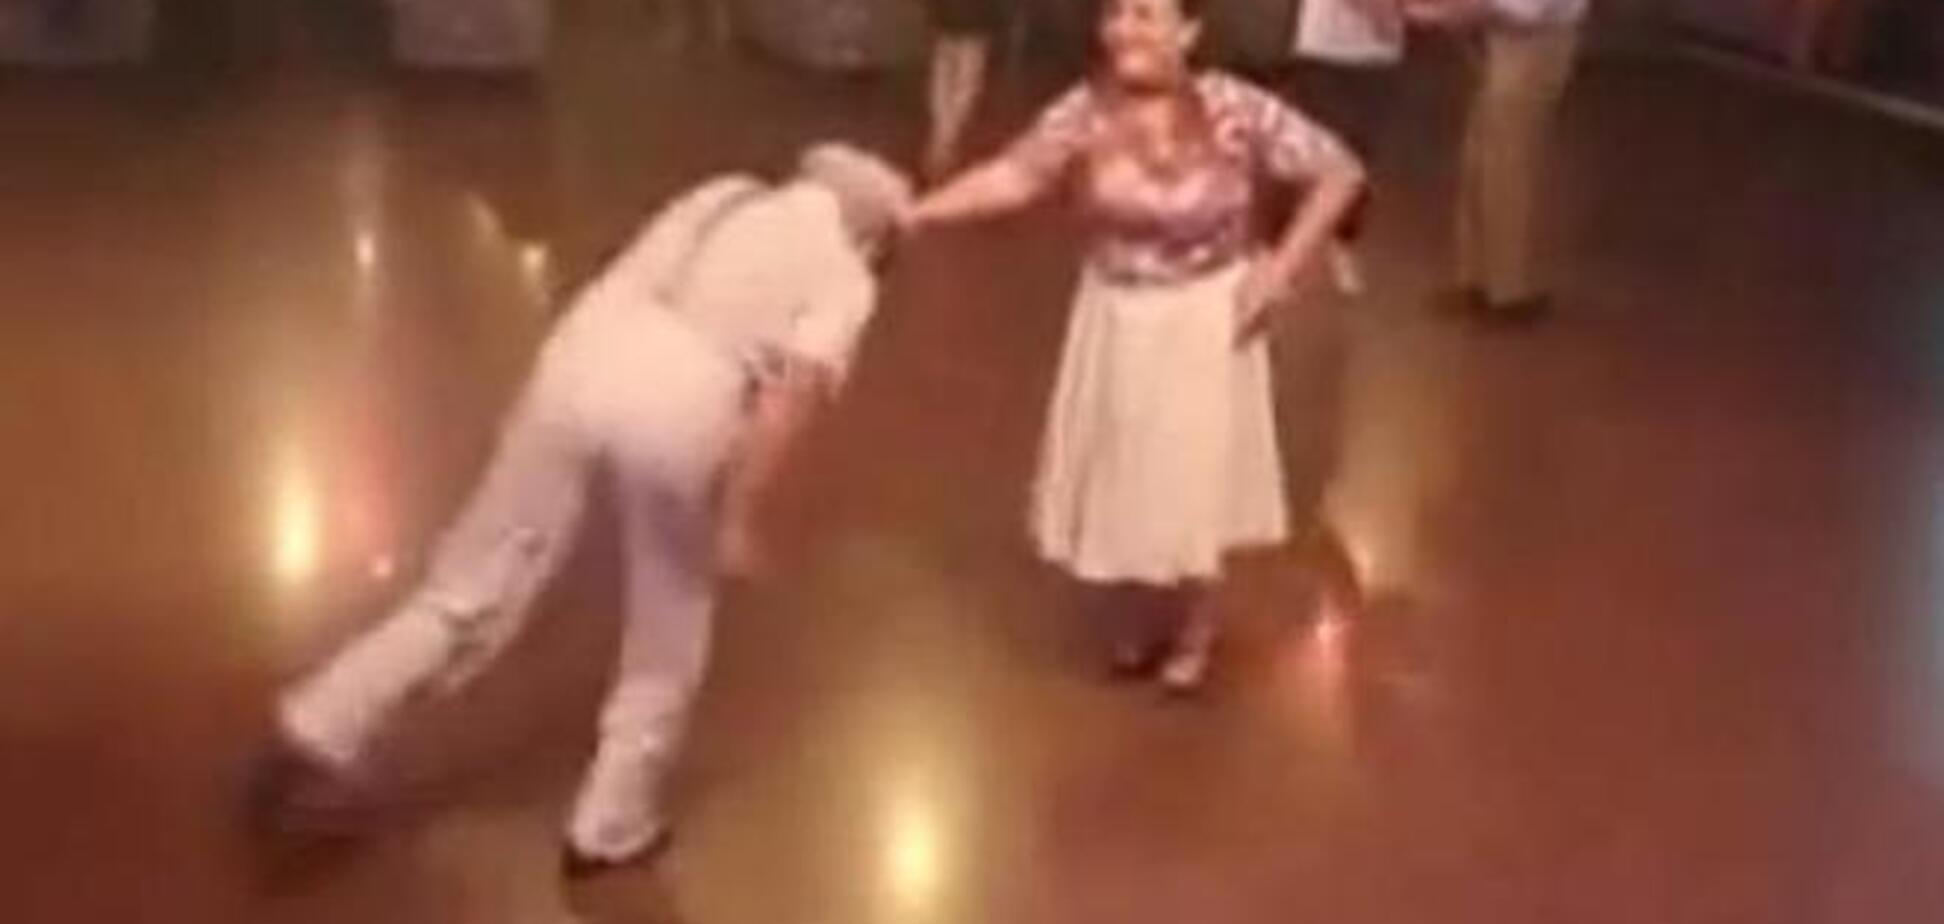 Пожилая пара вышла на танцпол и поразила зрителей: опубликовано видео